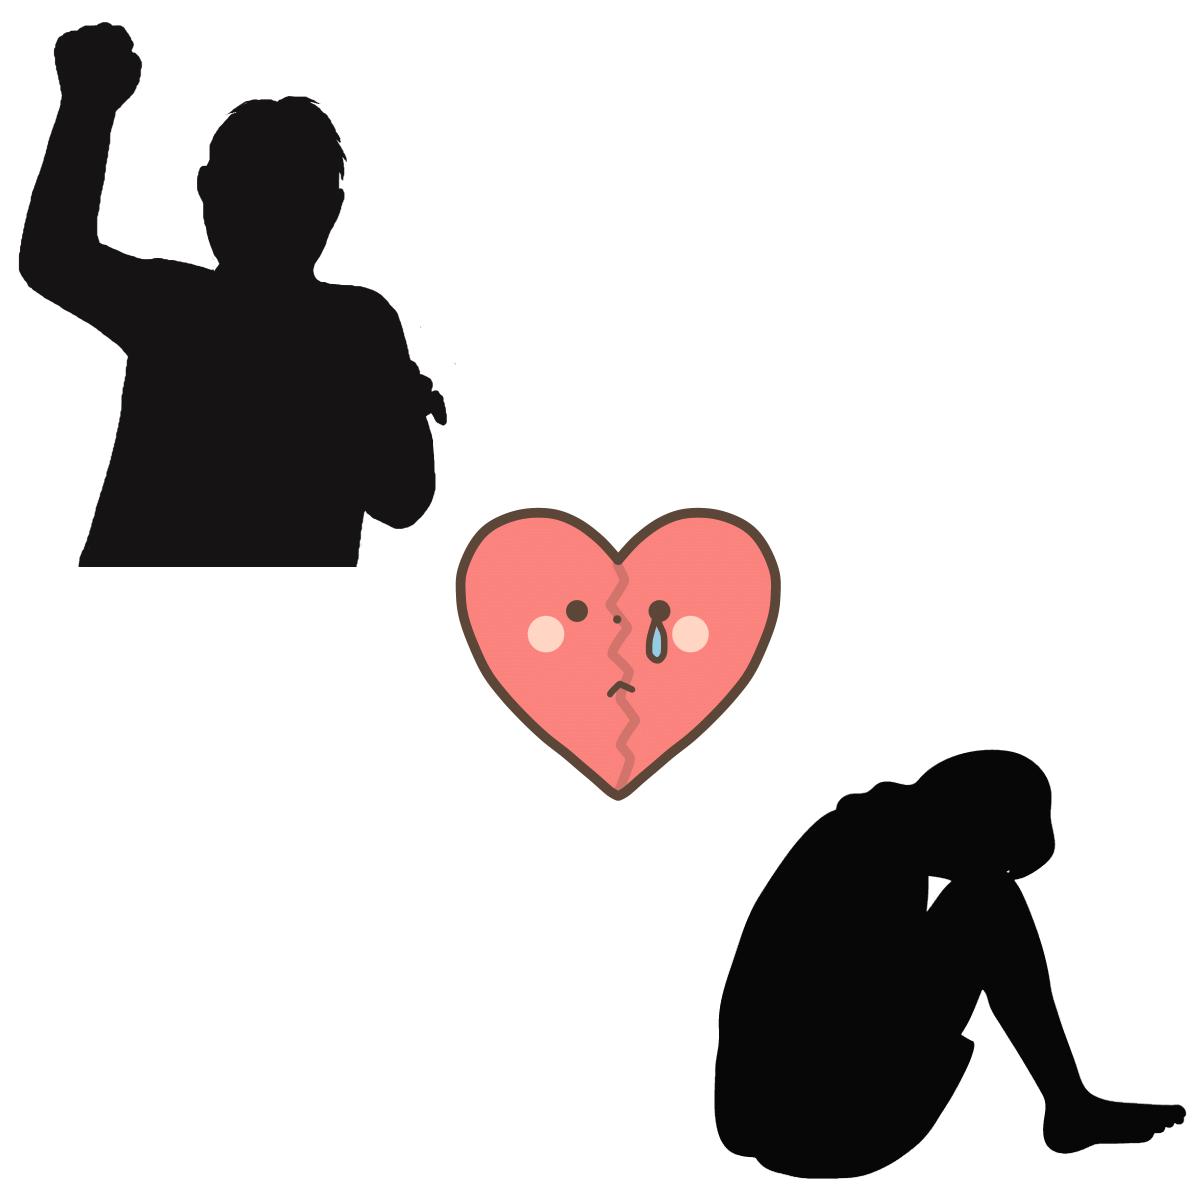 毒親育ちの性格的な特徴と恋愛傾向の男女による違いを表すイラスト